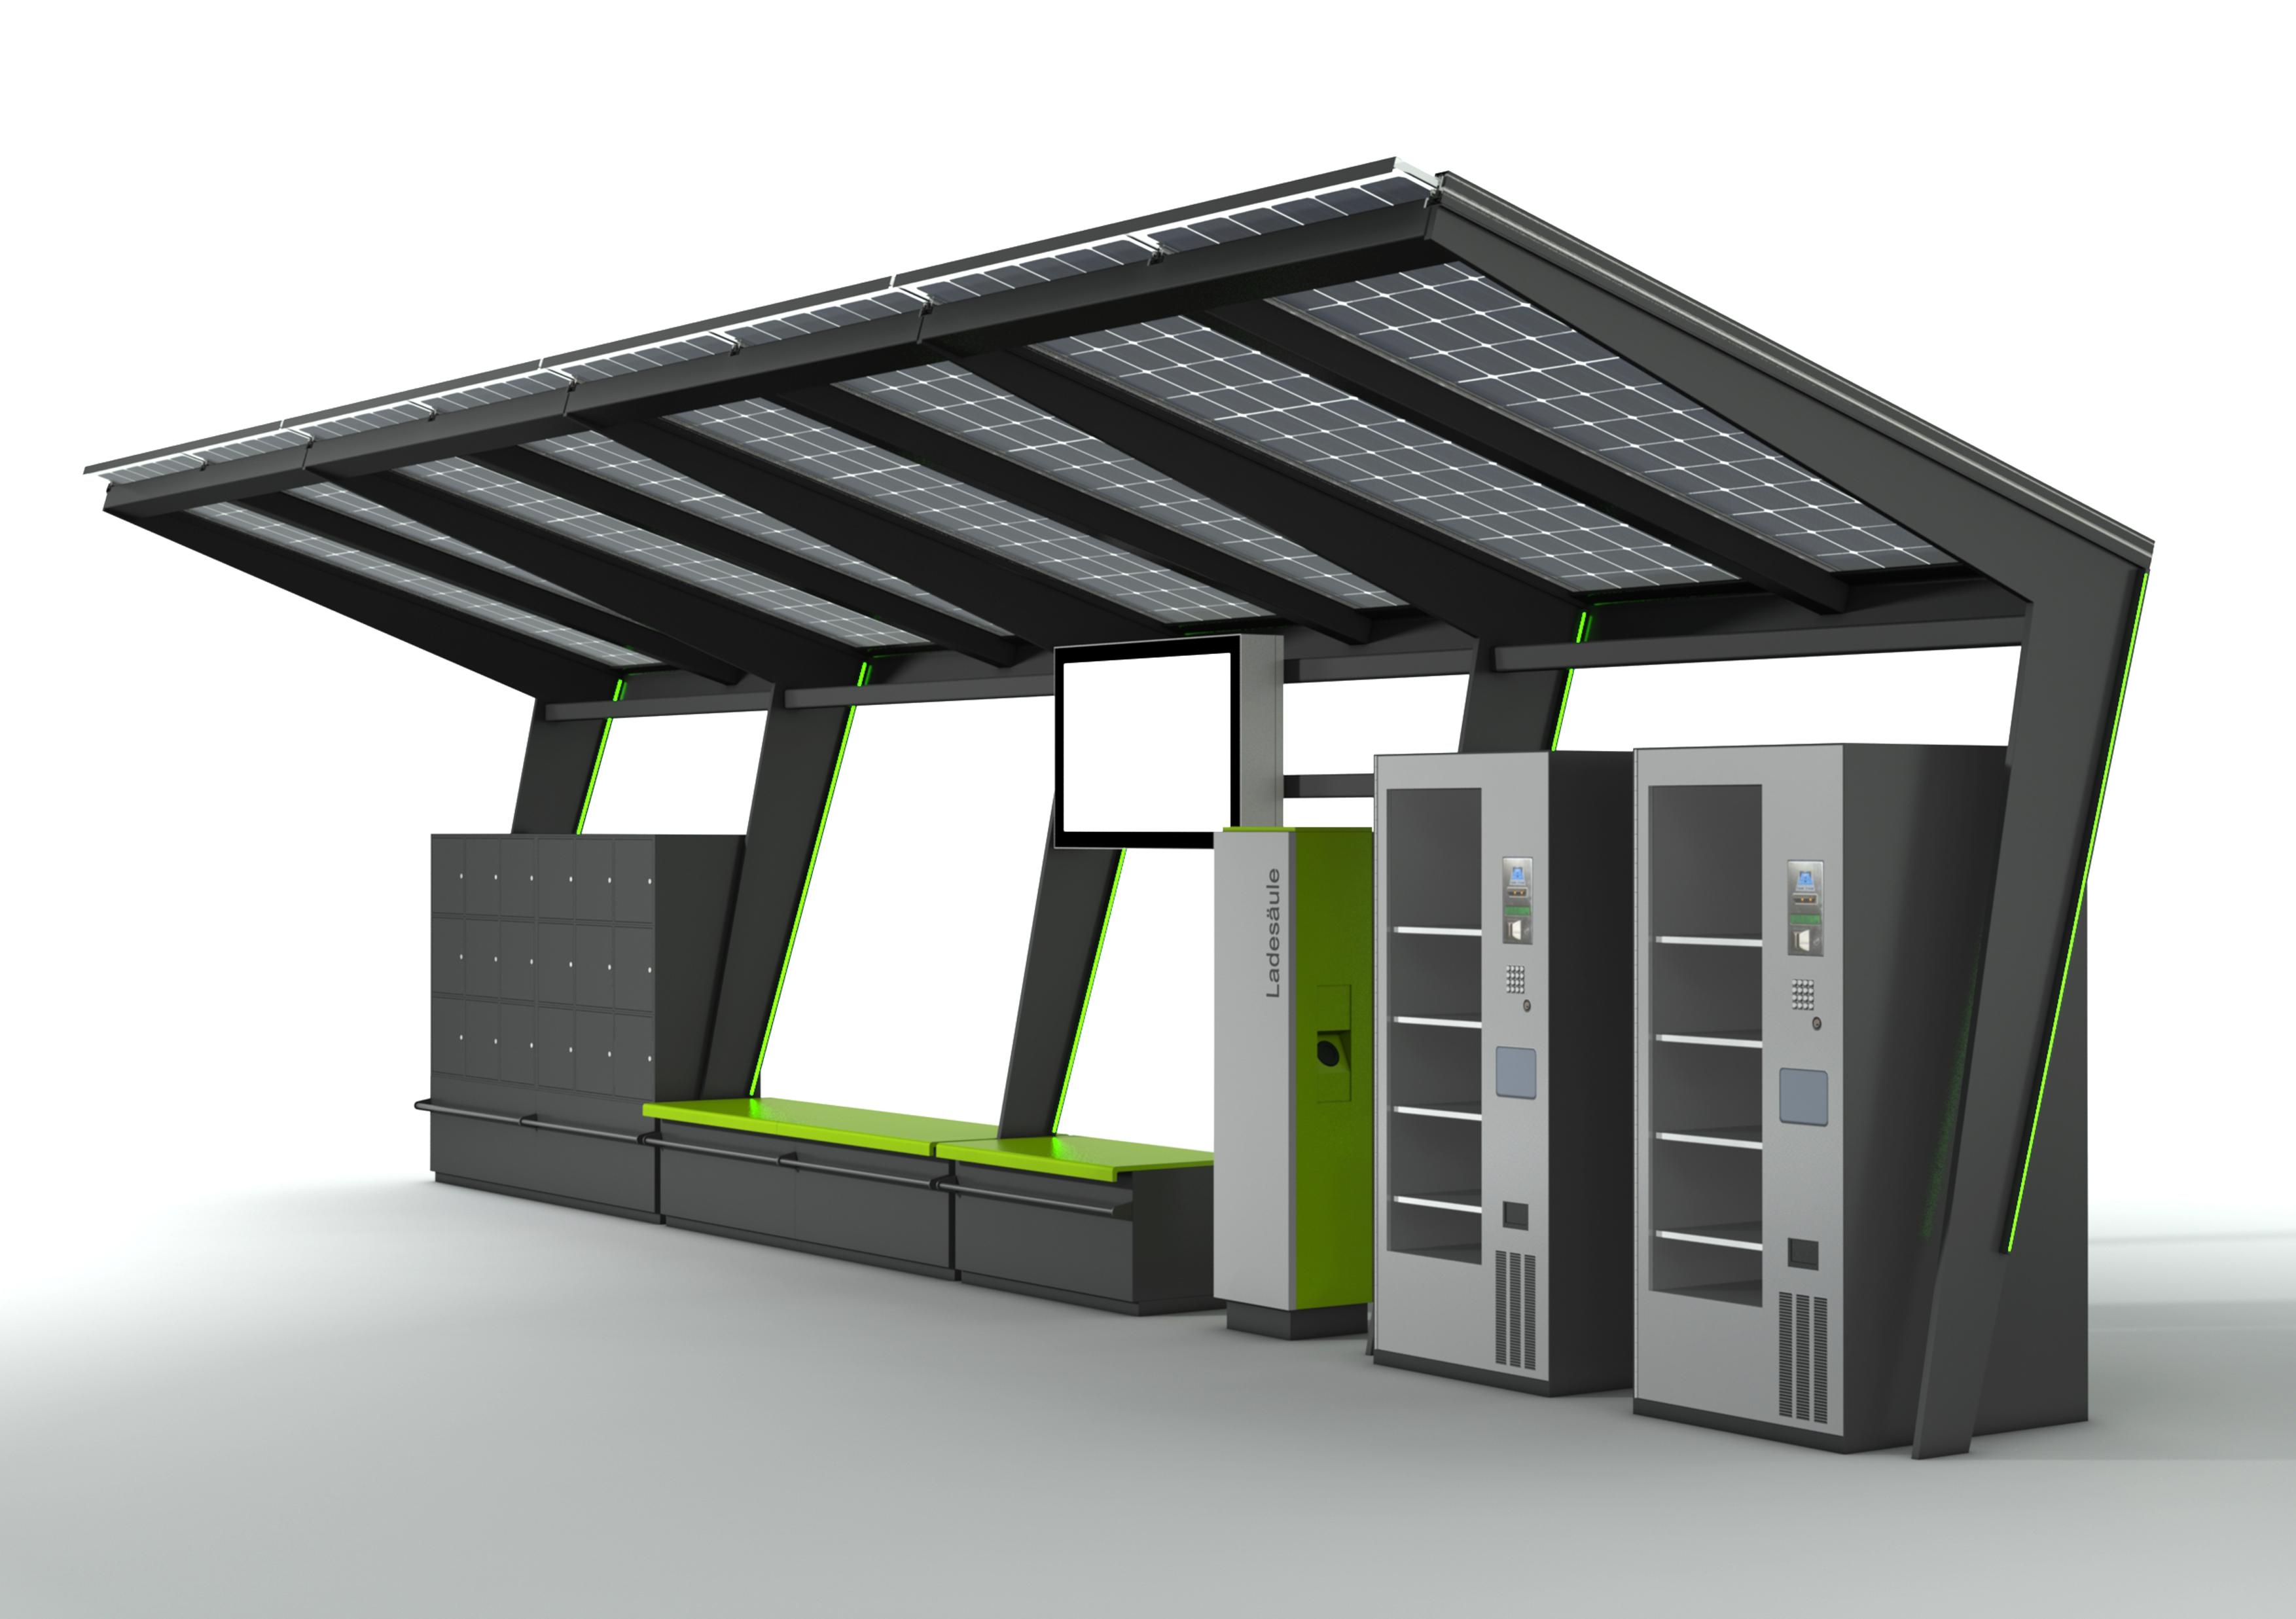 Station-i im vierfachen Design, ausgebaut mit Bildschirm, Ladesäule, Automaten, Bänken und Schließfächern